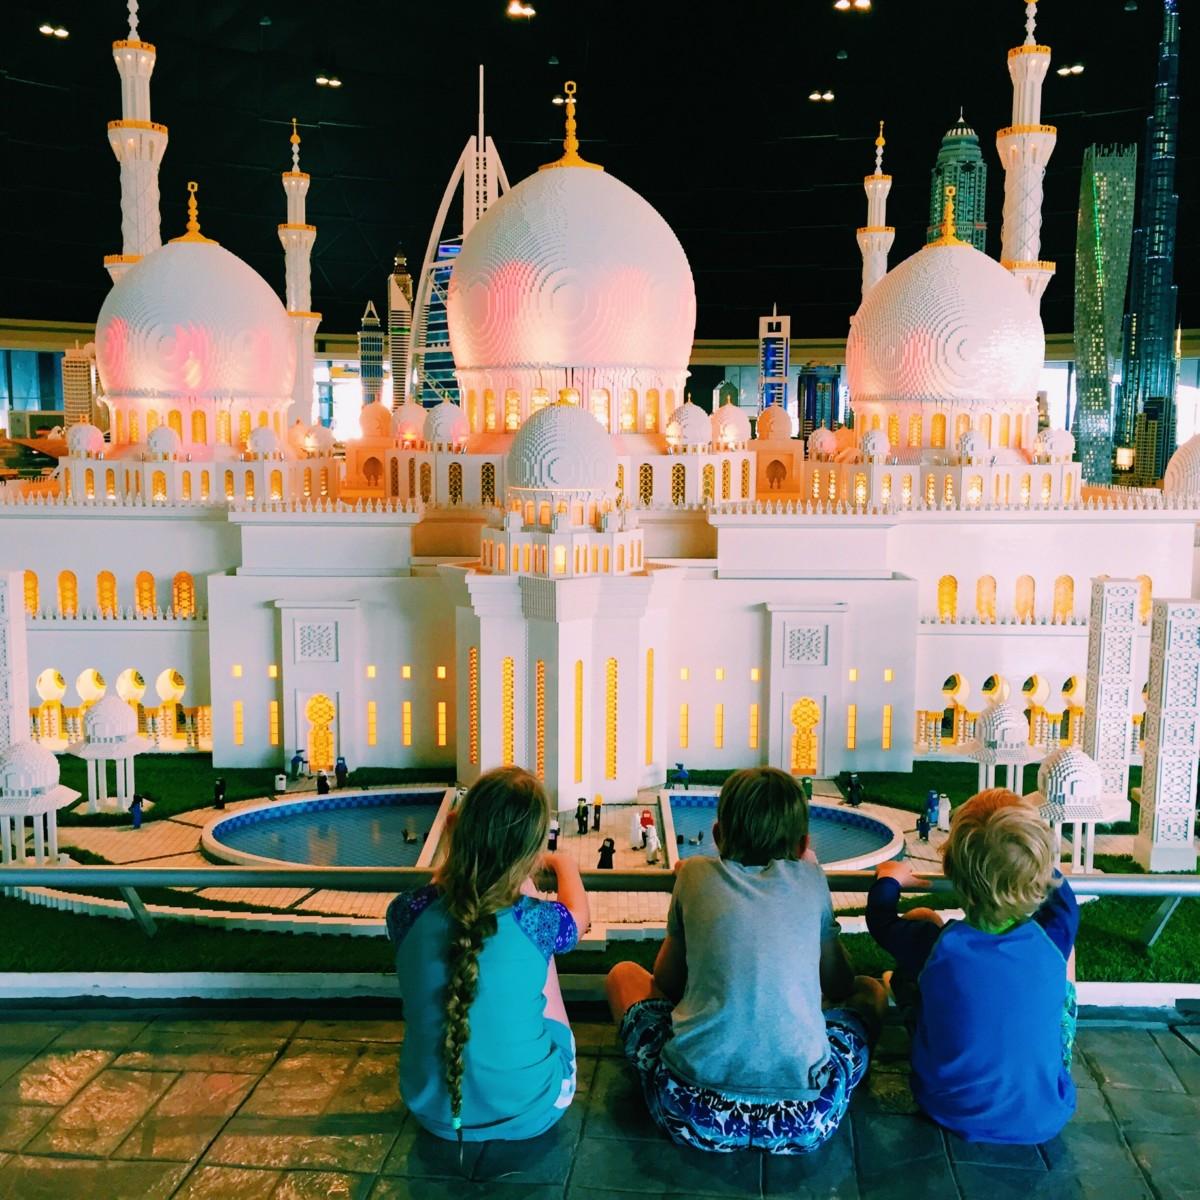 Legoland Dubai - copyright: www.globalmousetravels.com